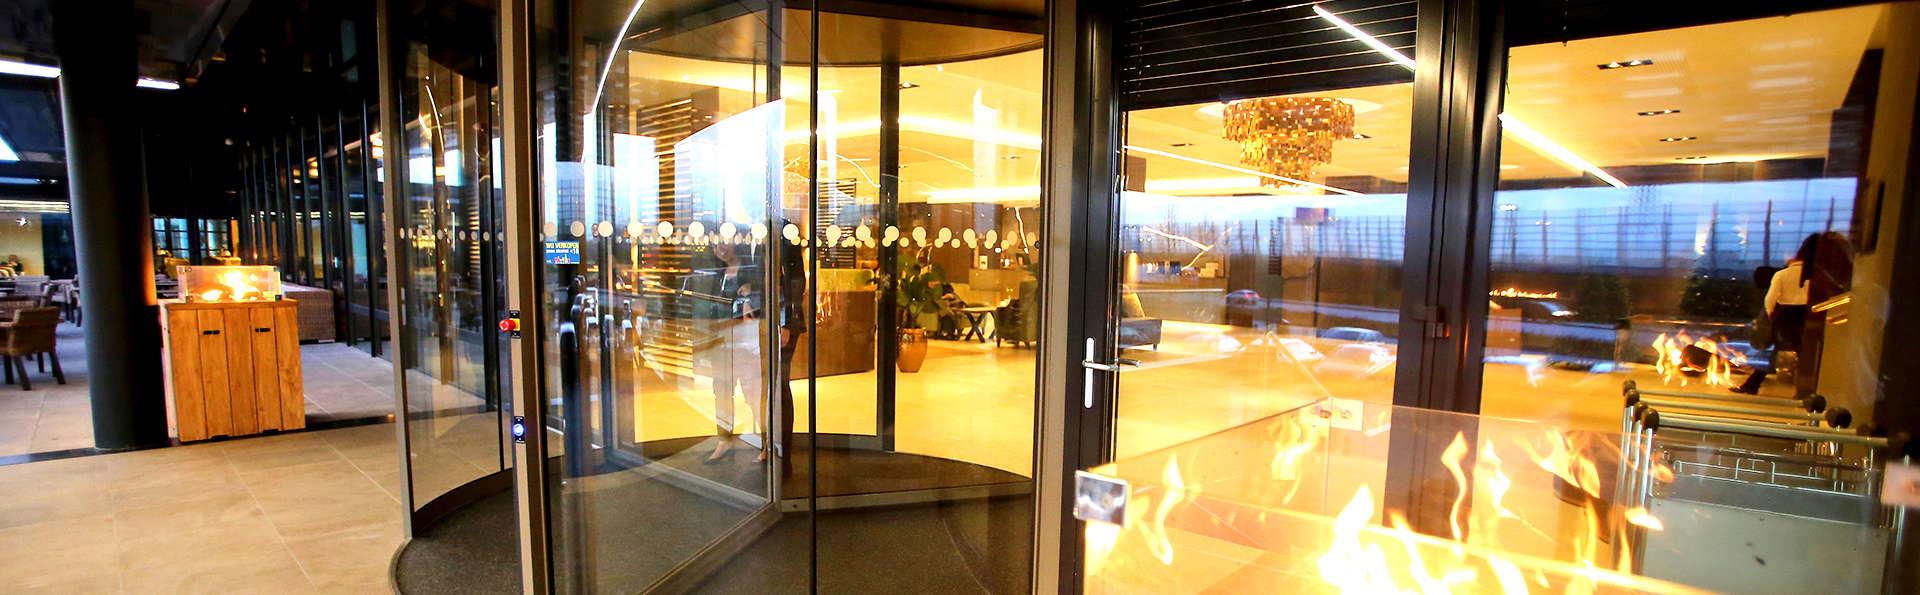 Van der Valk Hotel Oostzaan - Amsterdam - Edit_entrance.jpg